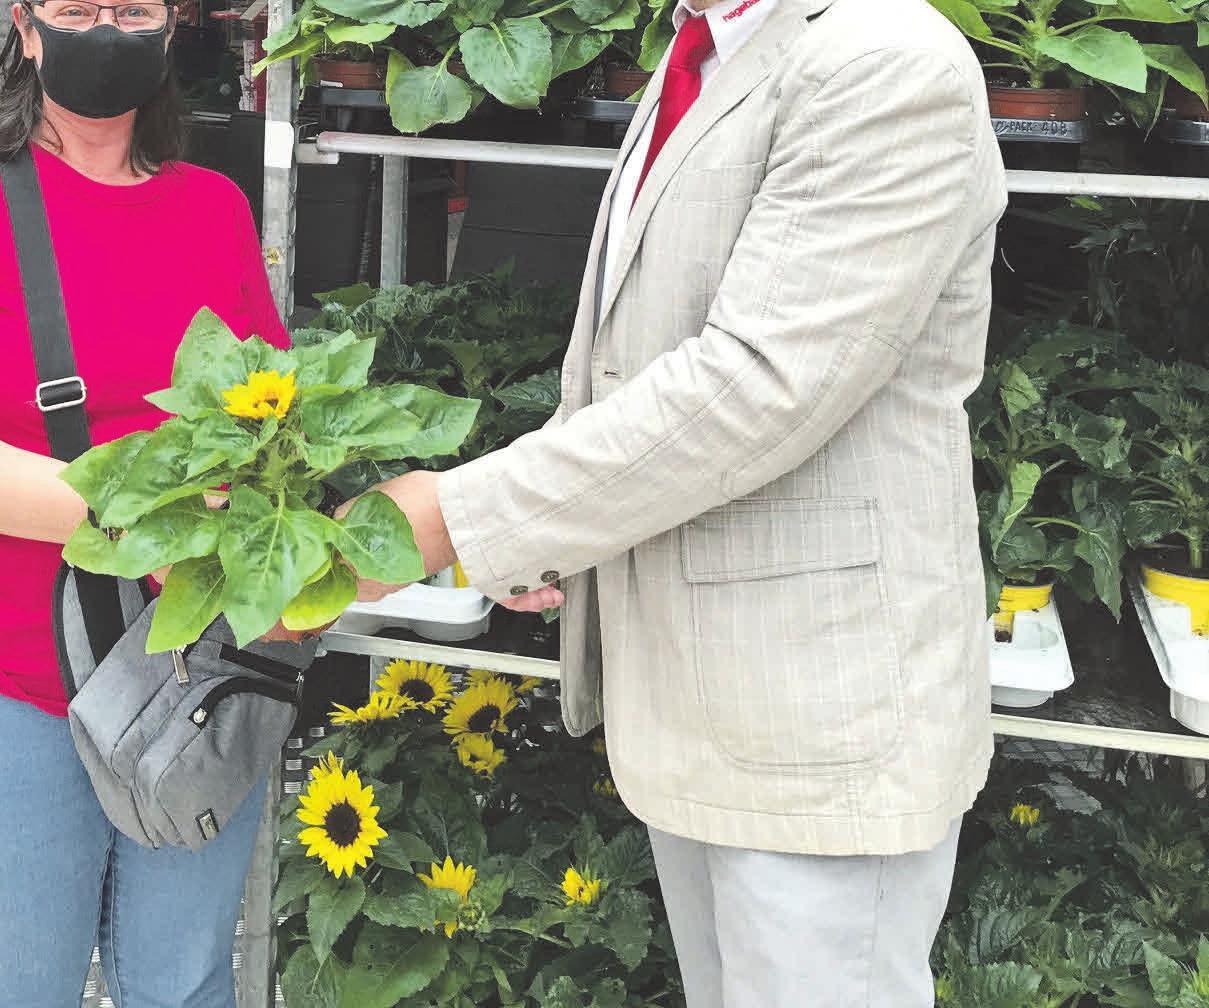 Der Hagebaumarkt am Eyßelheideweg zauberte mit leuchtend gelben Blumengrüßen vielen Kunden ein Lächeln aufs Gesicht.